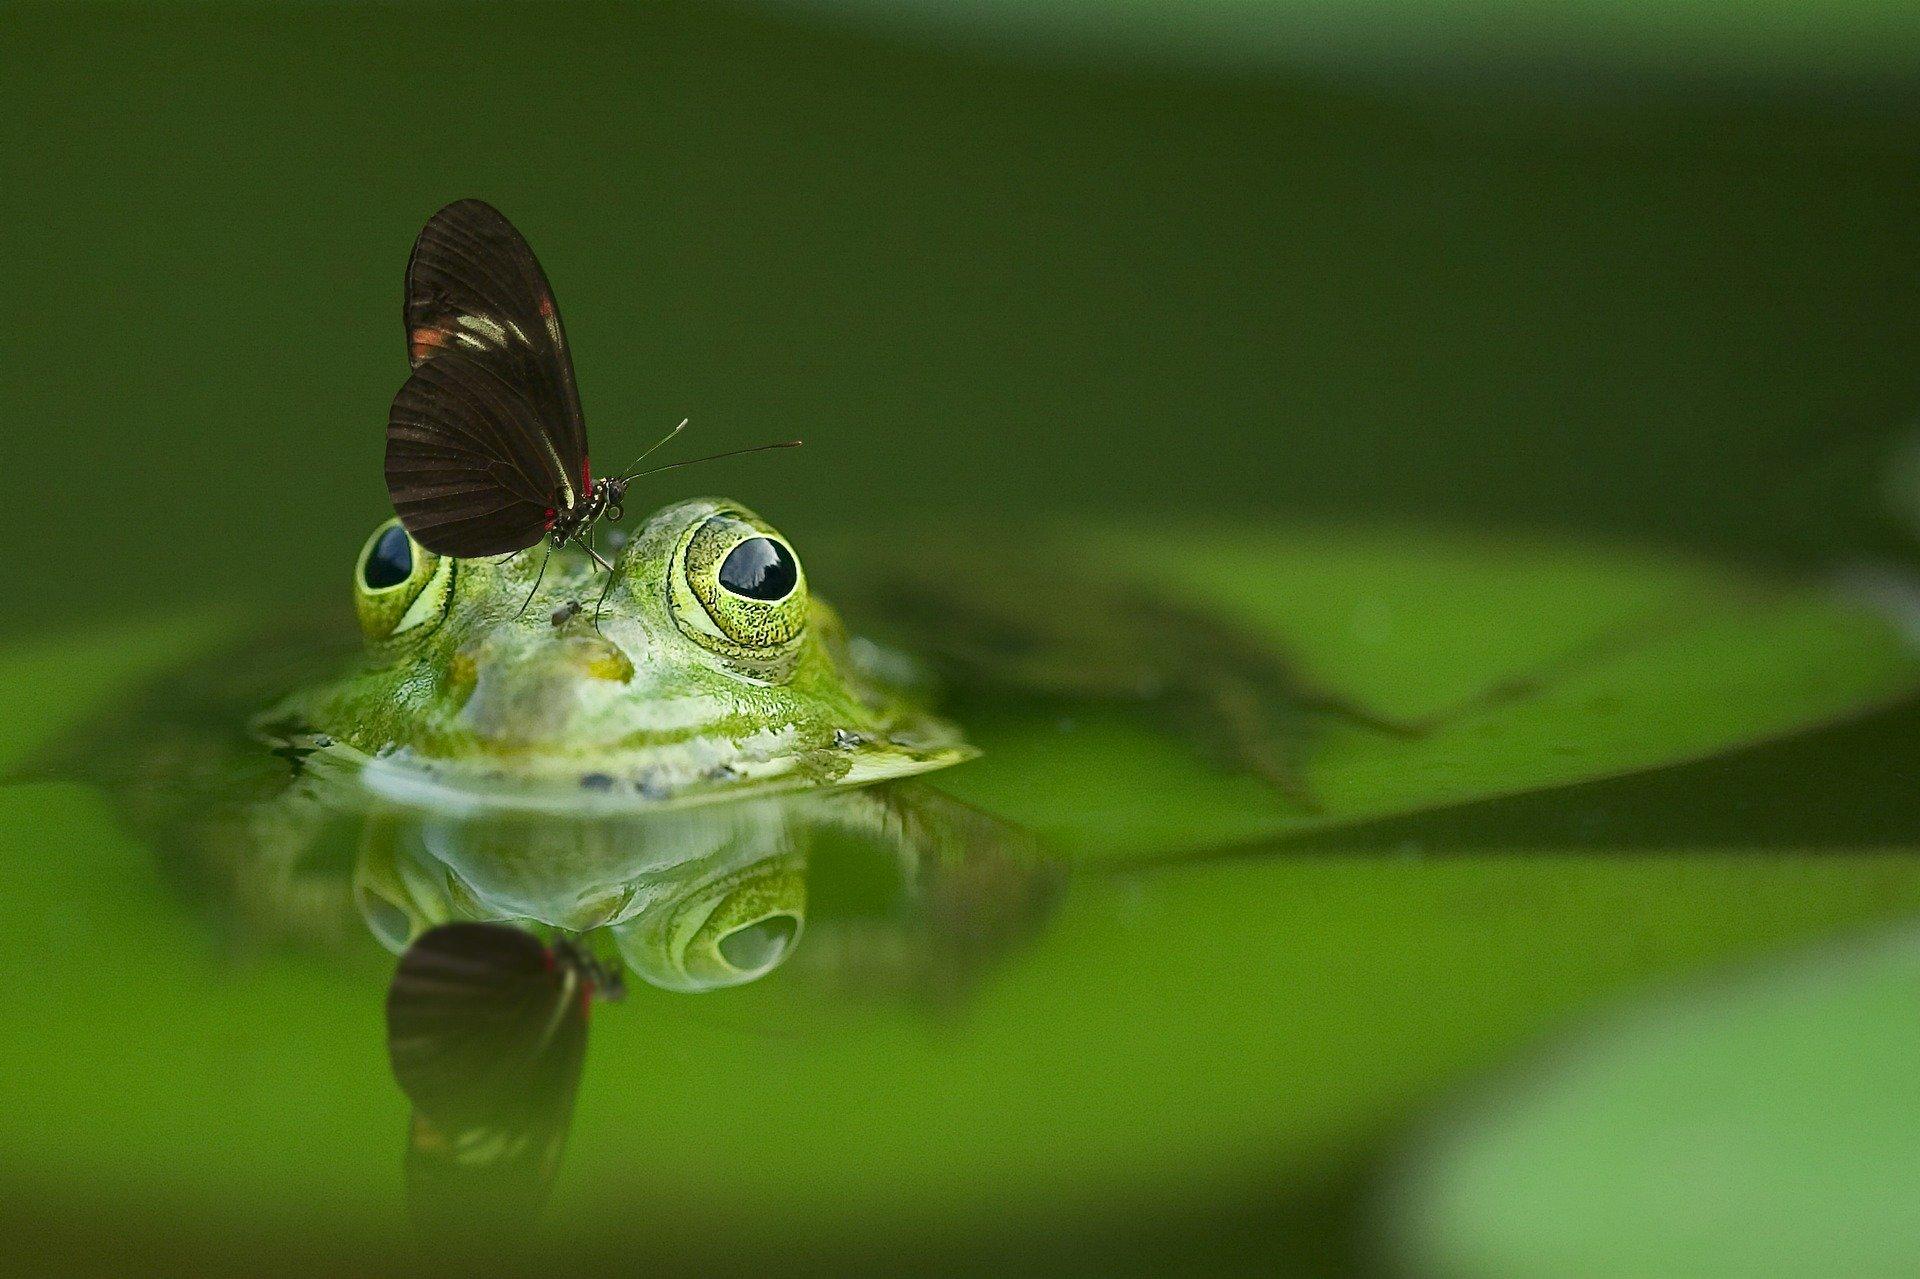 papillon sur une grenouille